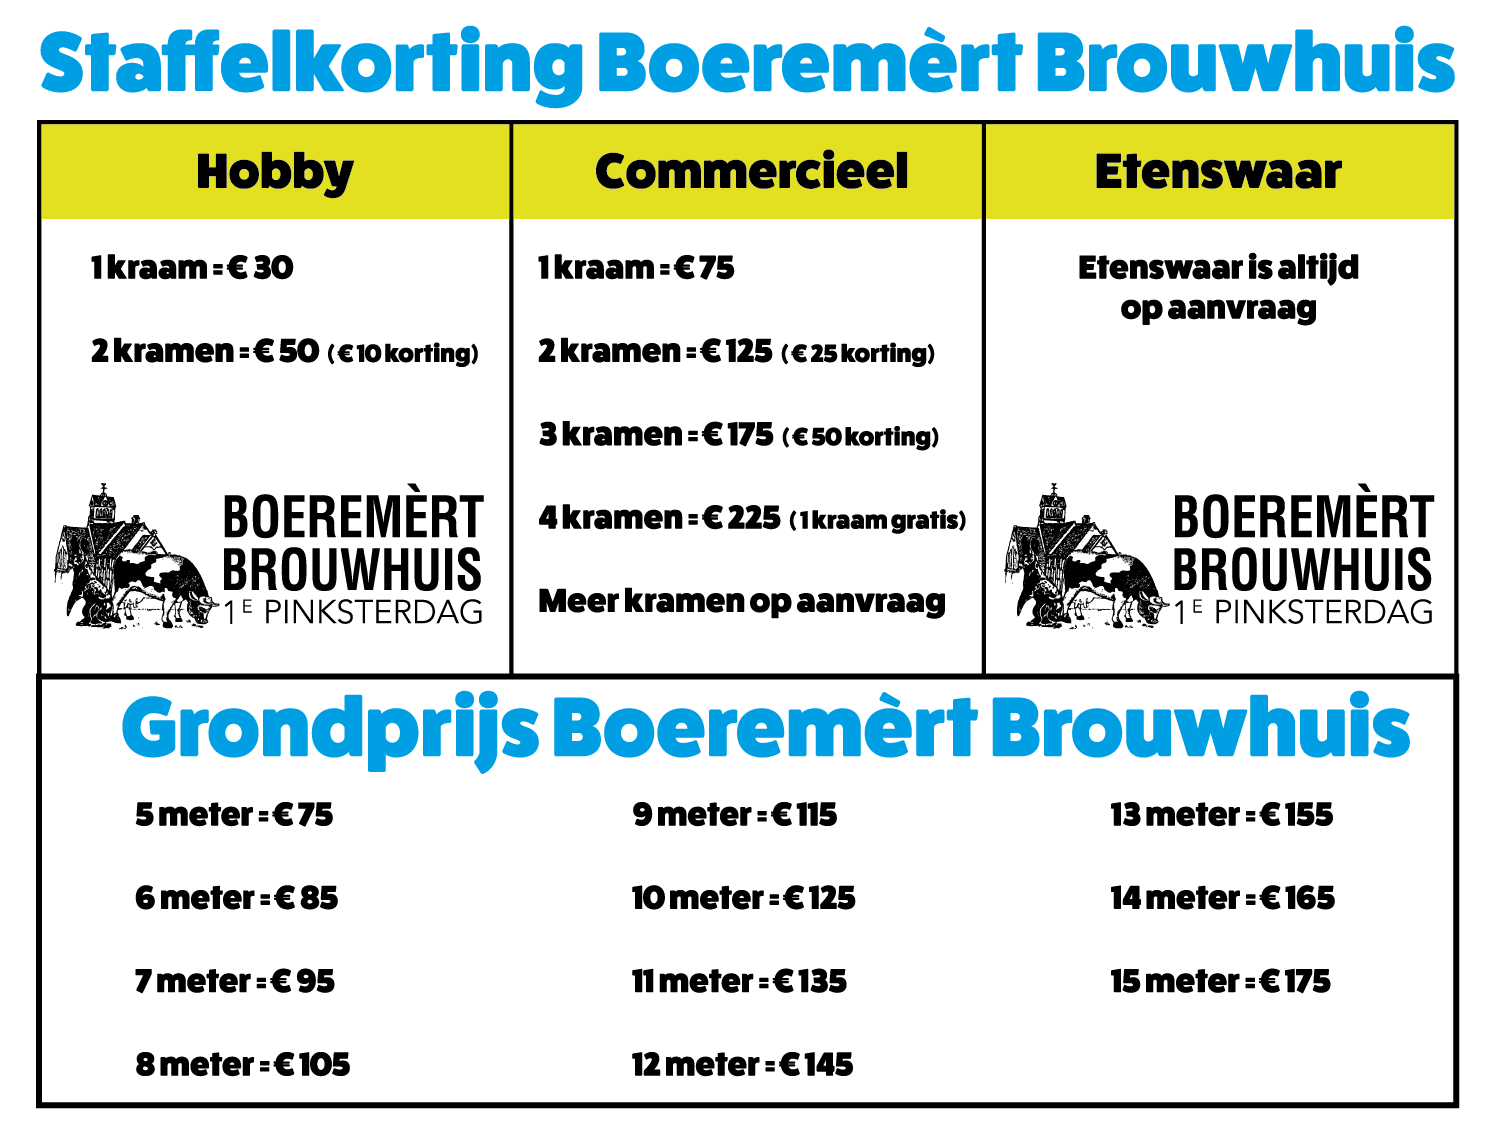 Staffelkorting BM Kramen_Nieuw_Tekengebied 1